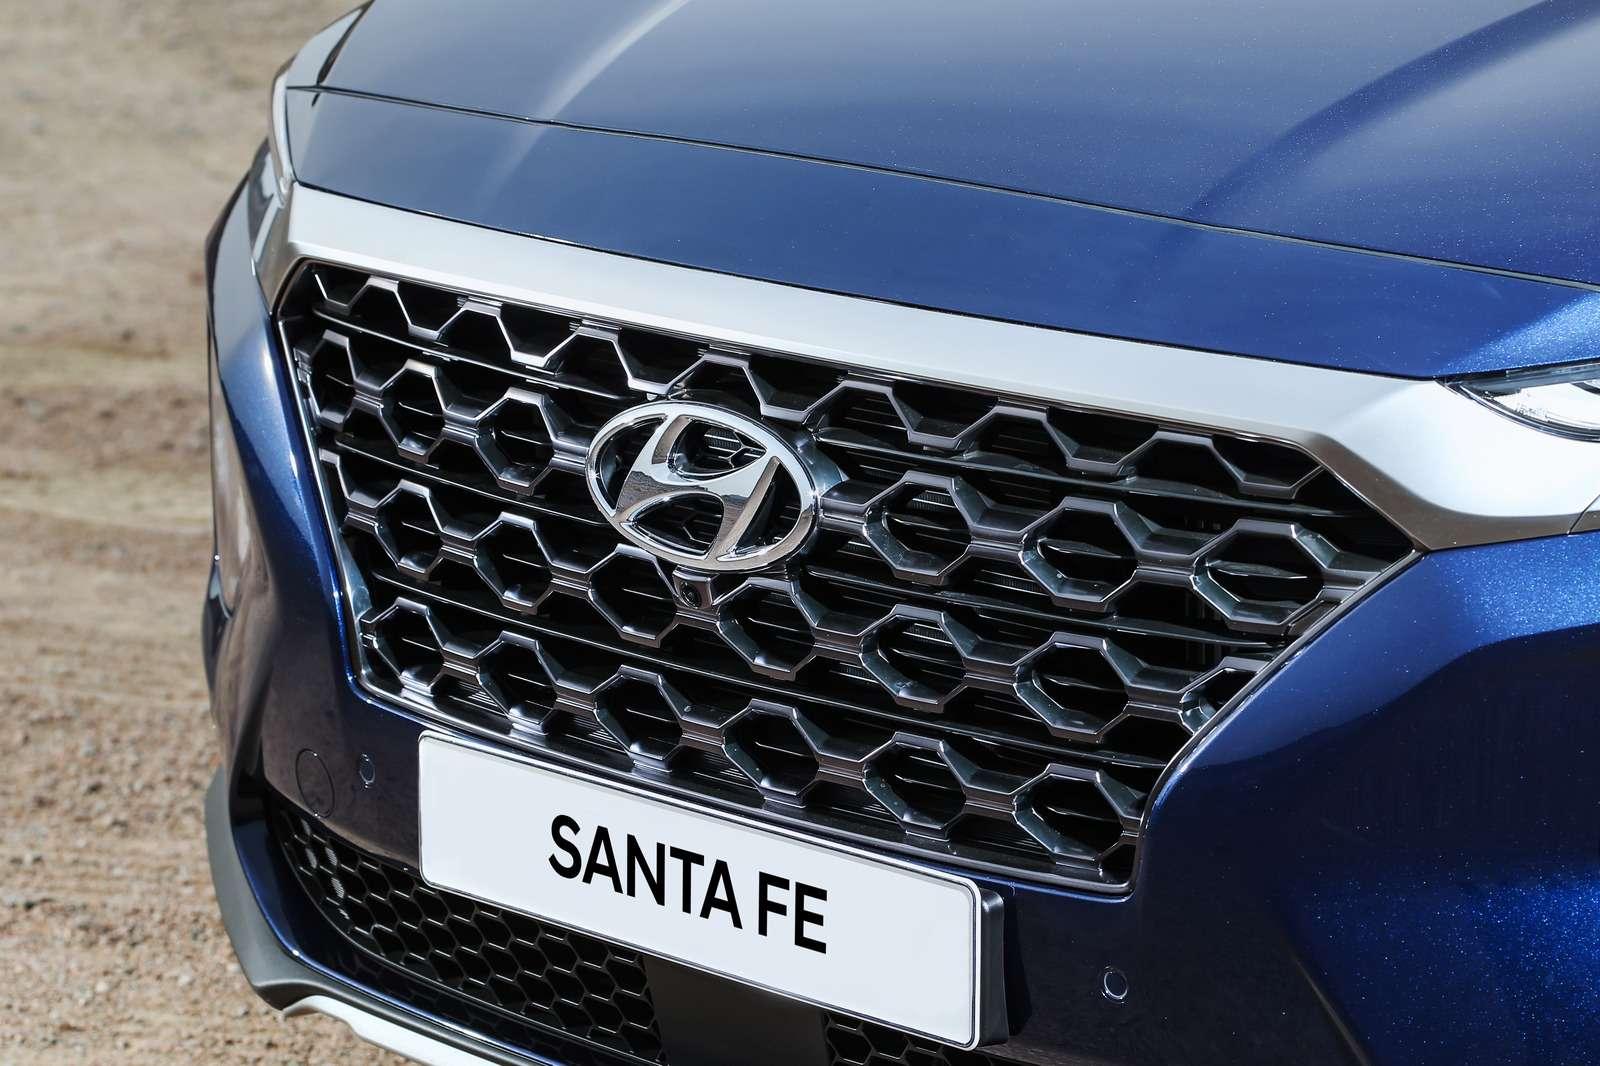 Hyundai рассказала все подробности оSanta Feчетвертого поколения— фото 847667